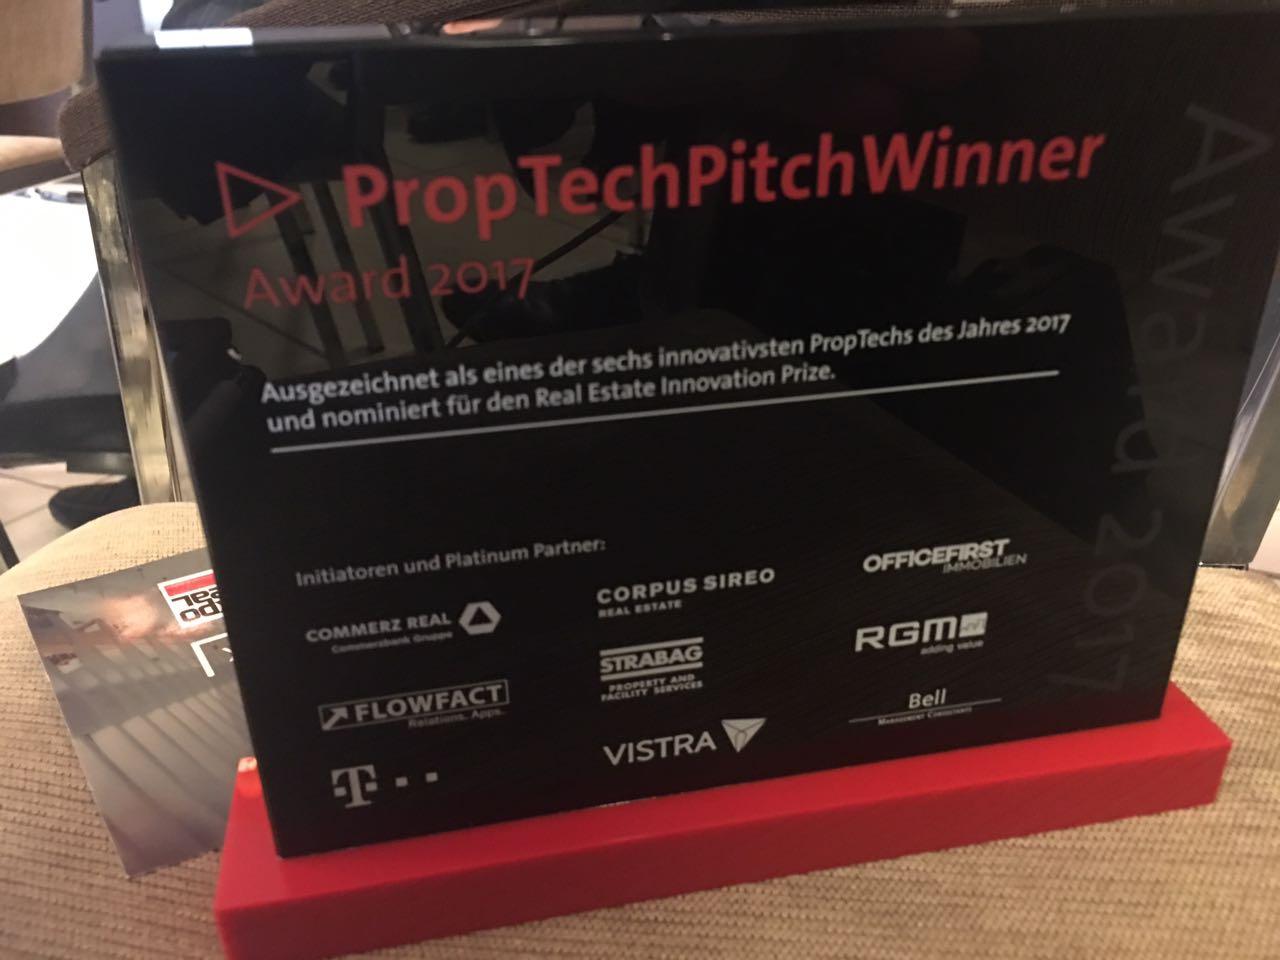 PropTech Pitch 2017: DOOZER als eines der sechs innovativsten PropTechs Europas ausgezeichnet